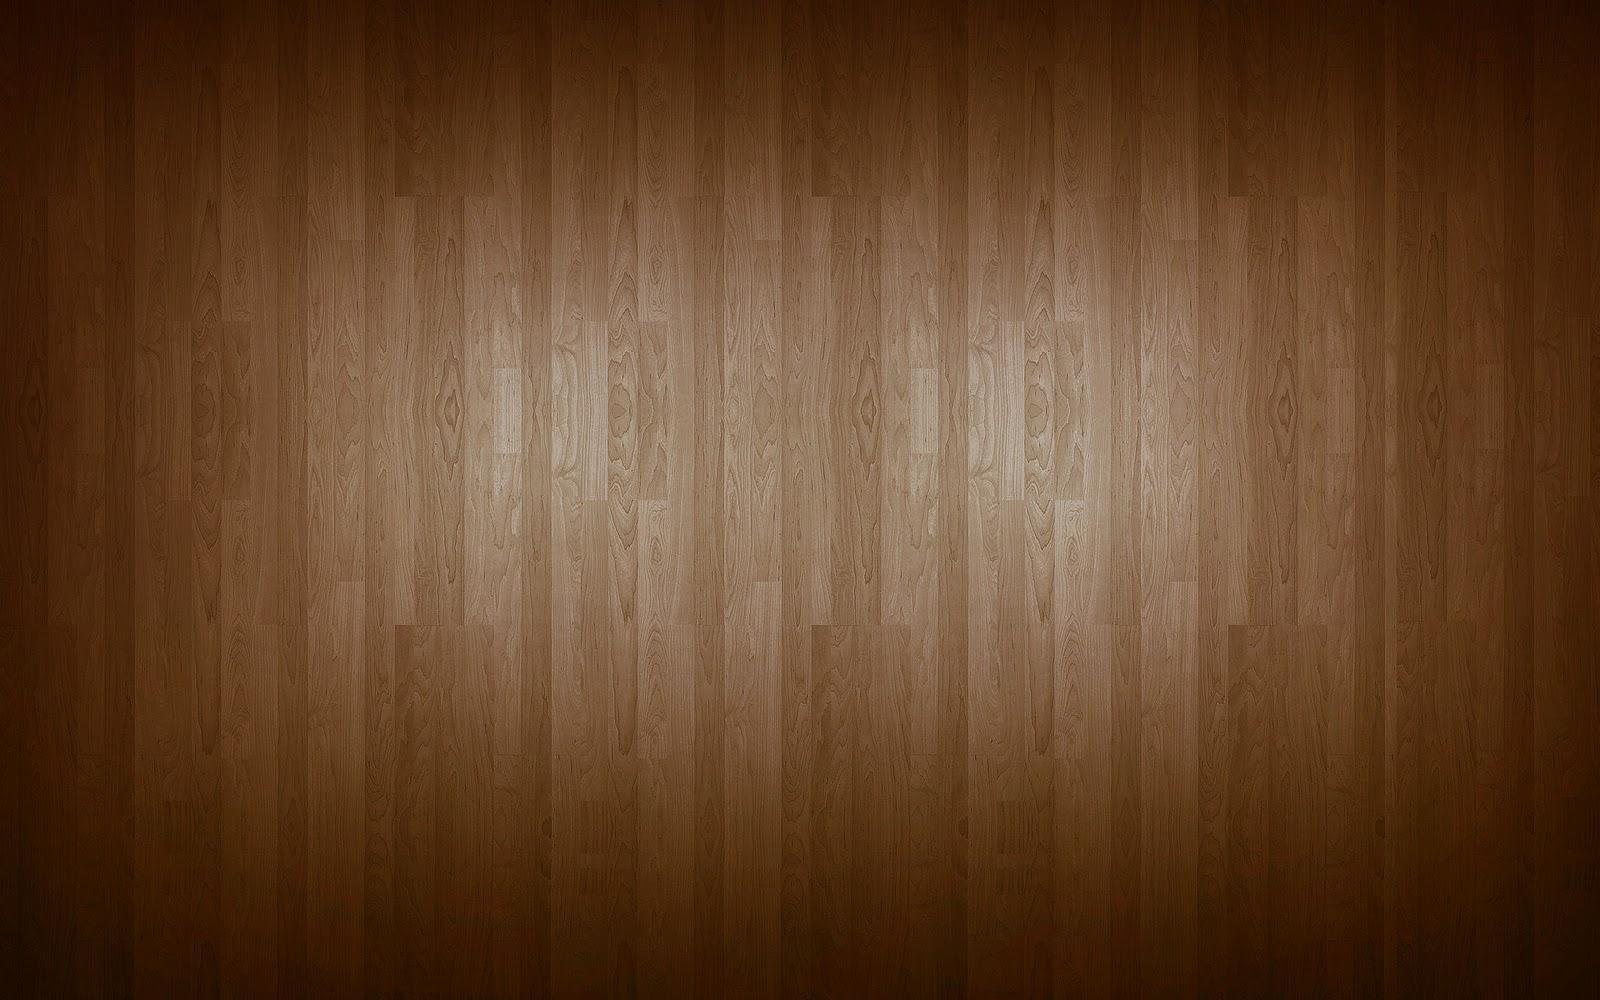 houten achtergronden hd - photo #5